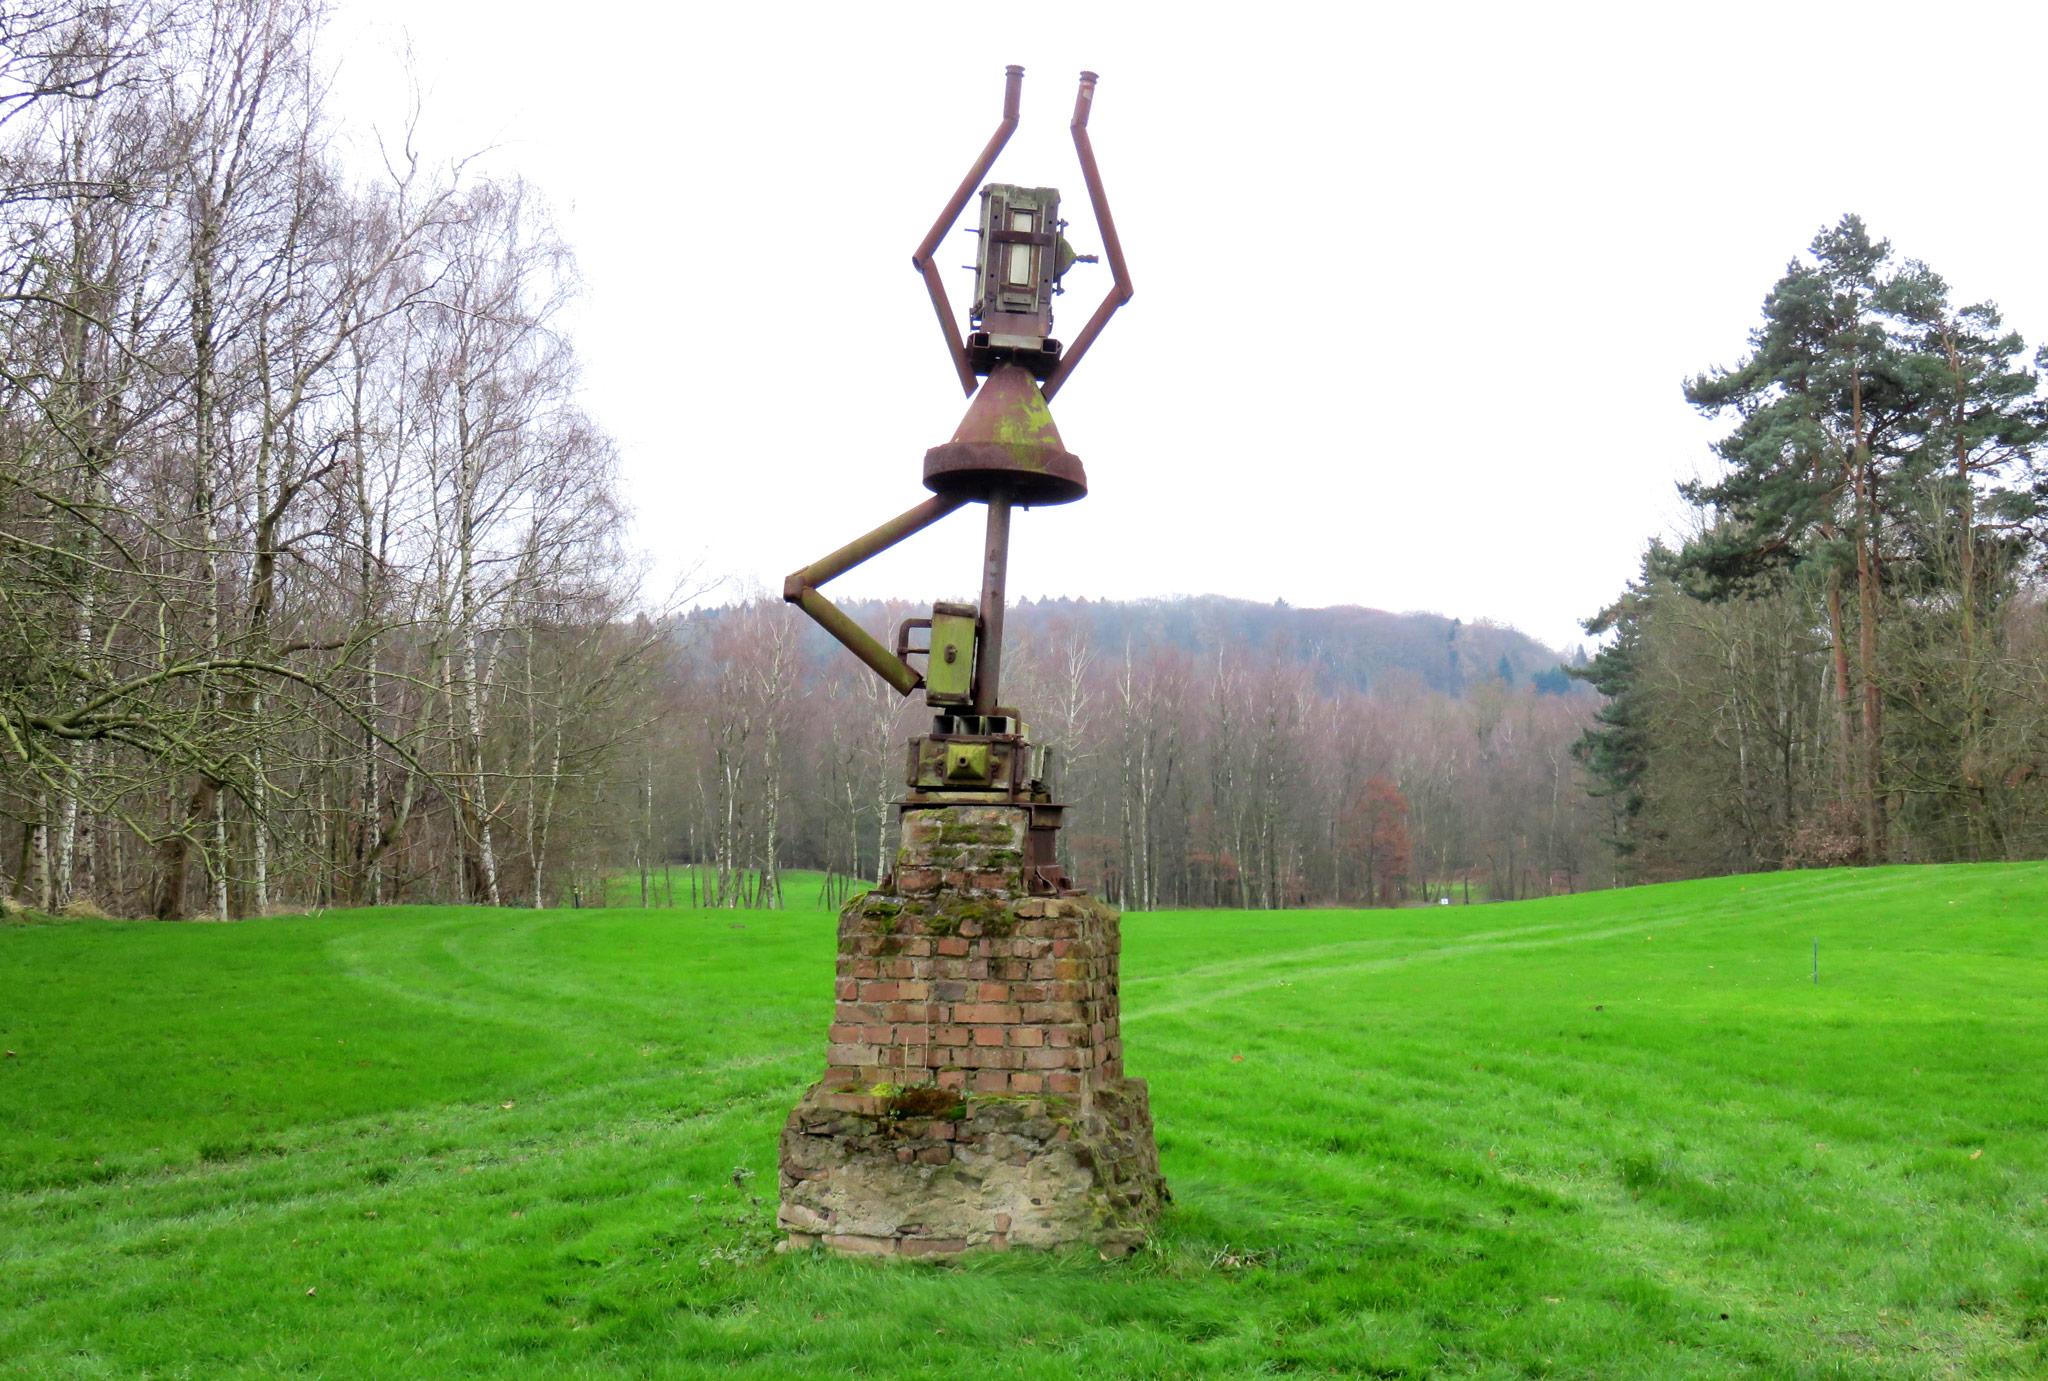 Golfplatz Obernkirchen Kunstwerk 'Haldentanz'